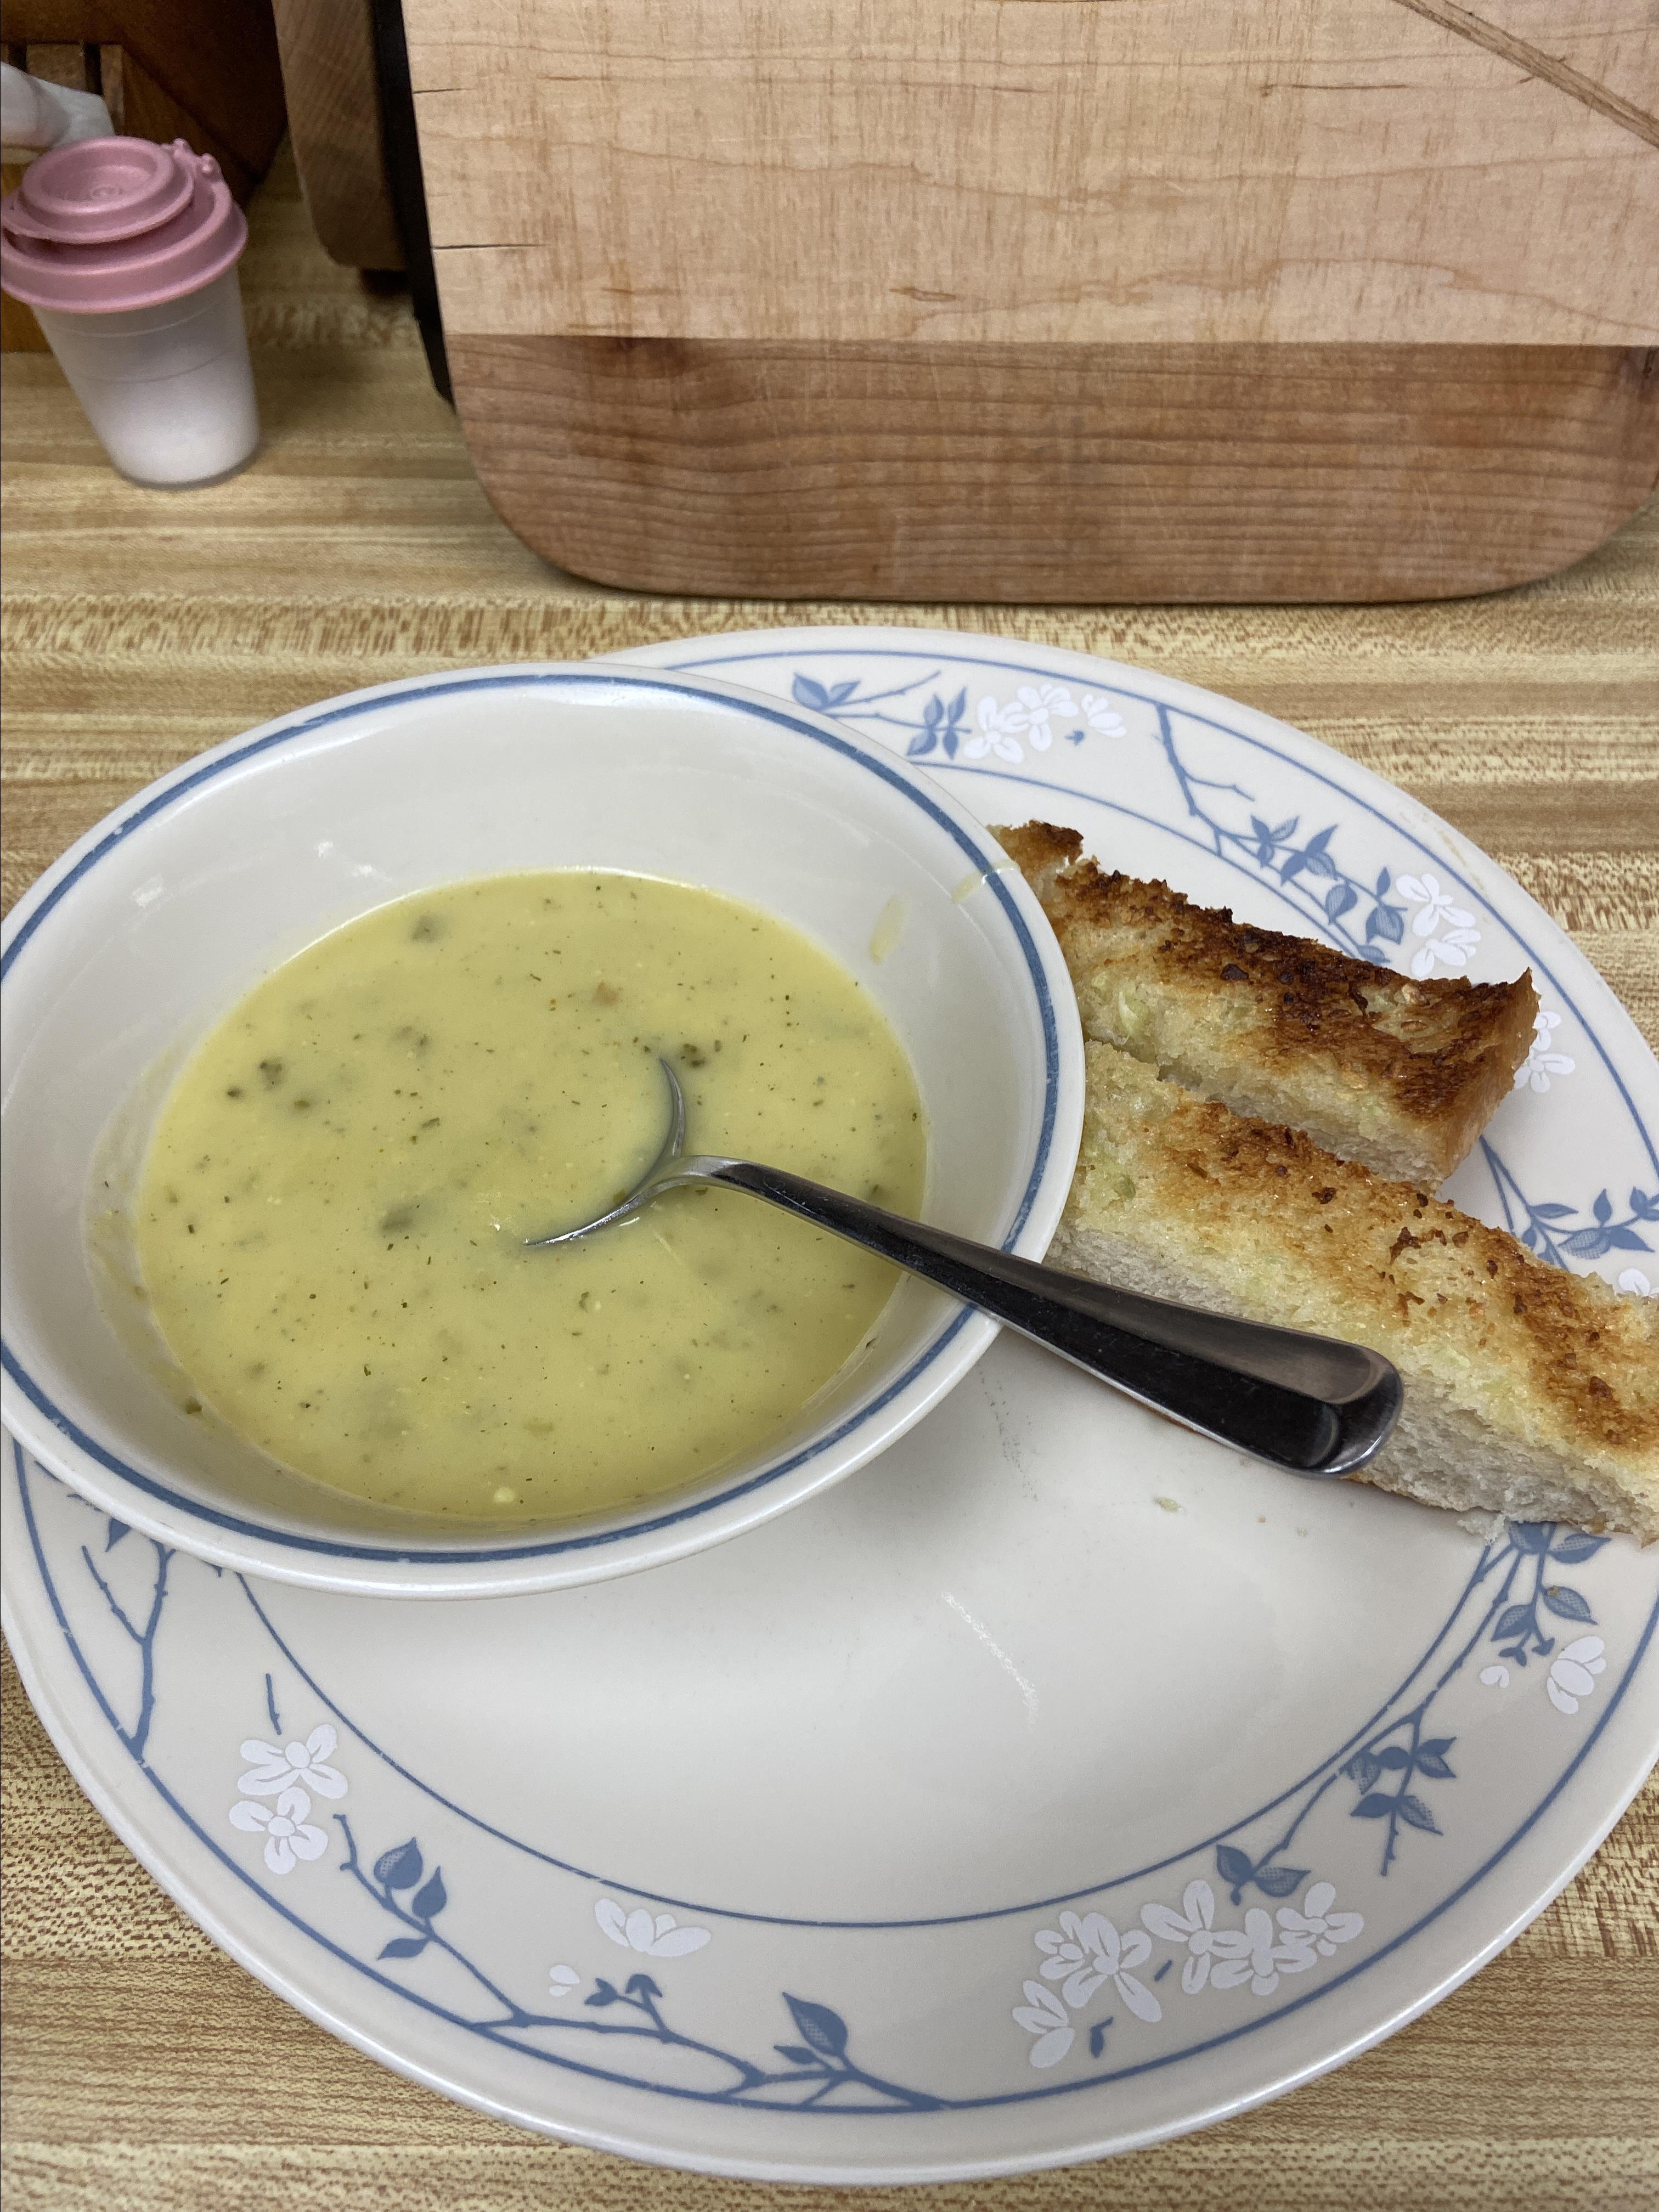 Dill Pickle Soup Rebanderson